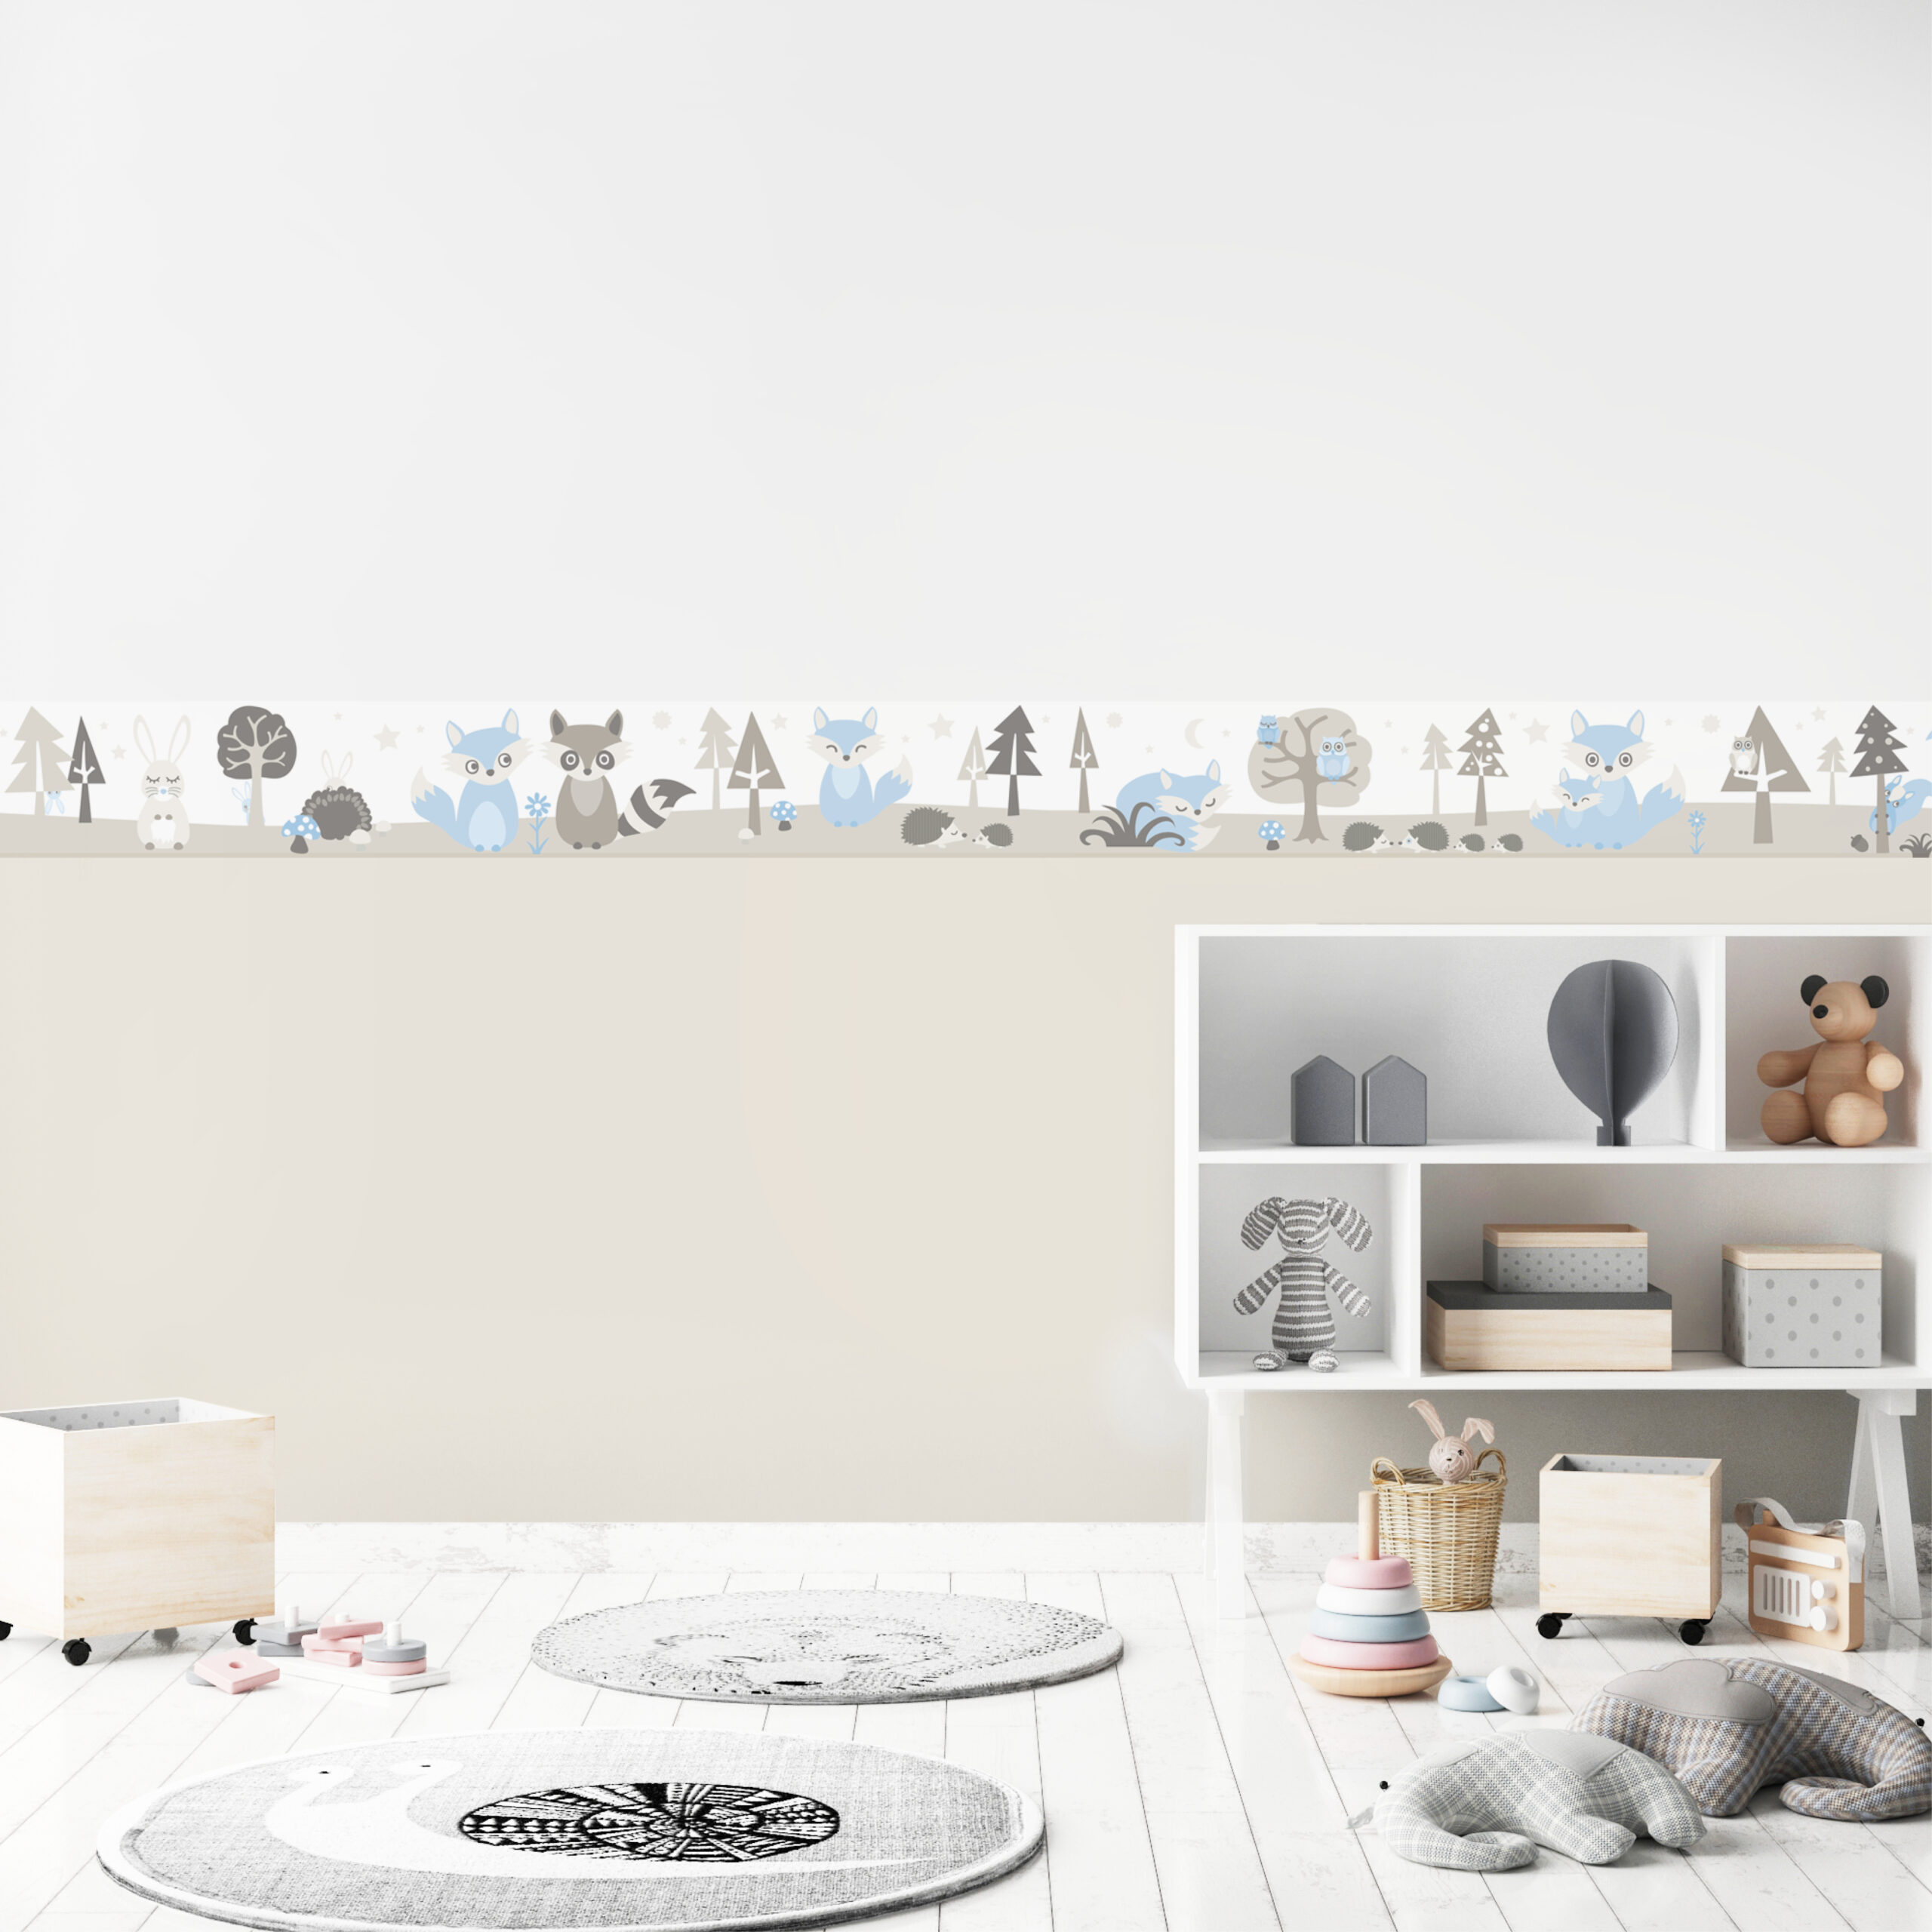 Full Size of Regal Kinderzimmer Weiß Sofa Regale Wohnzimmer Wandgestaltung Kinderzimmer Jungen